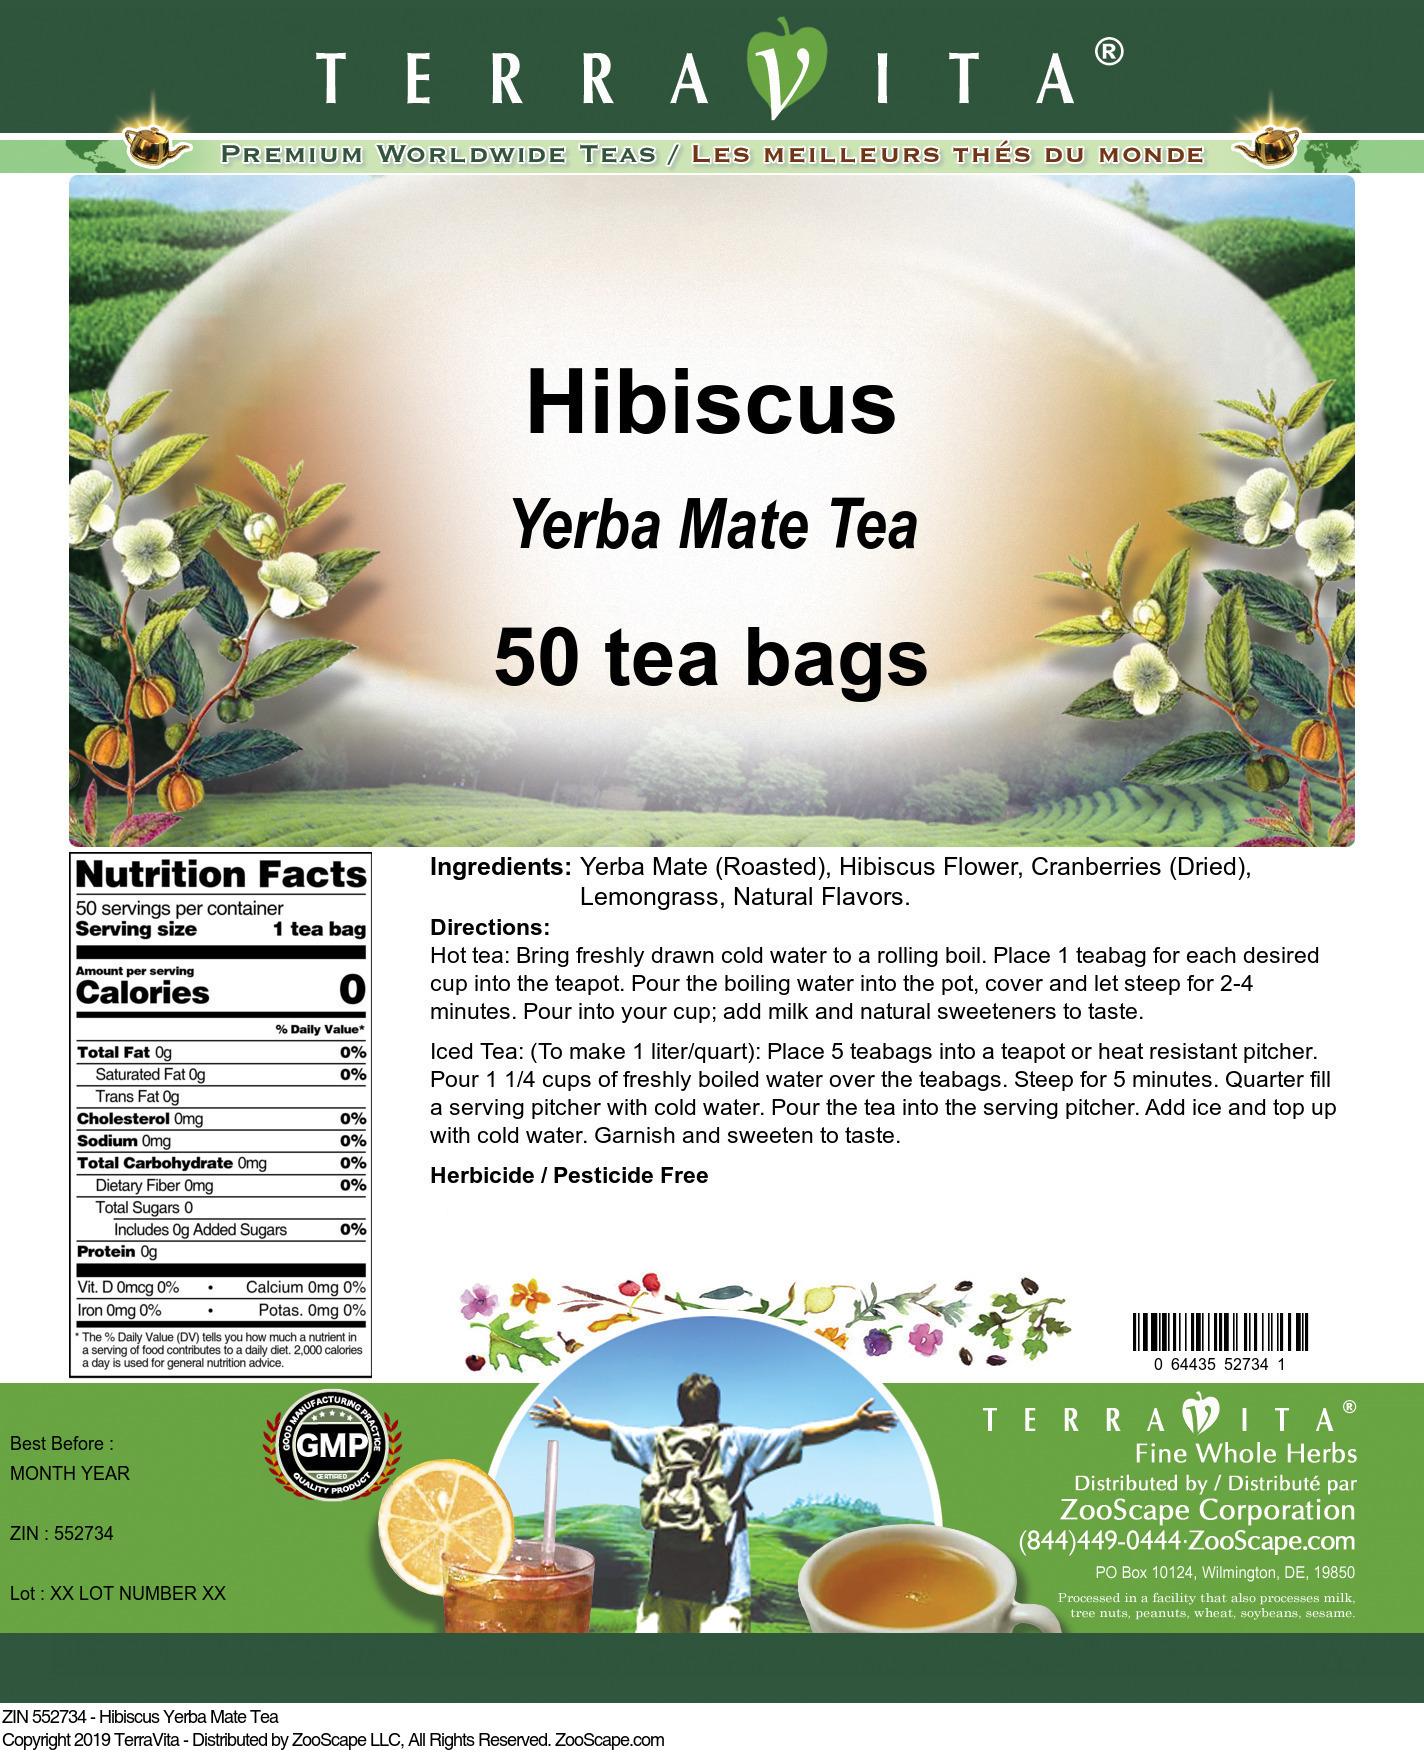 Hibiscus Yerba Mate